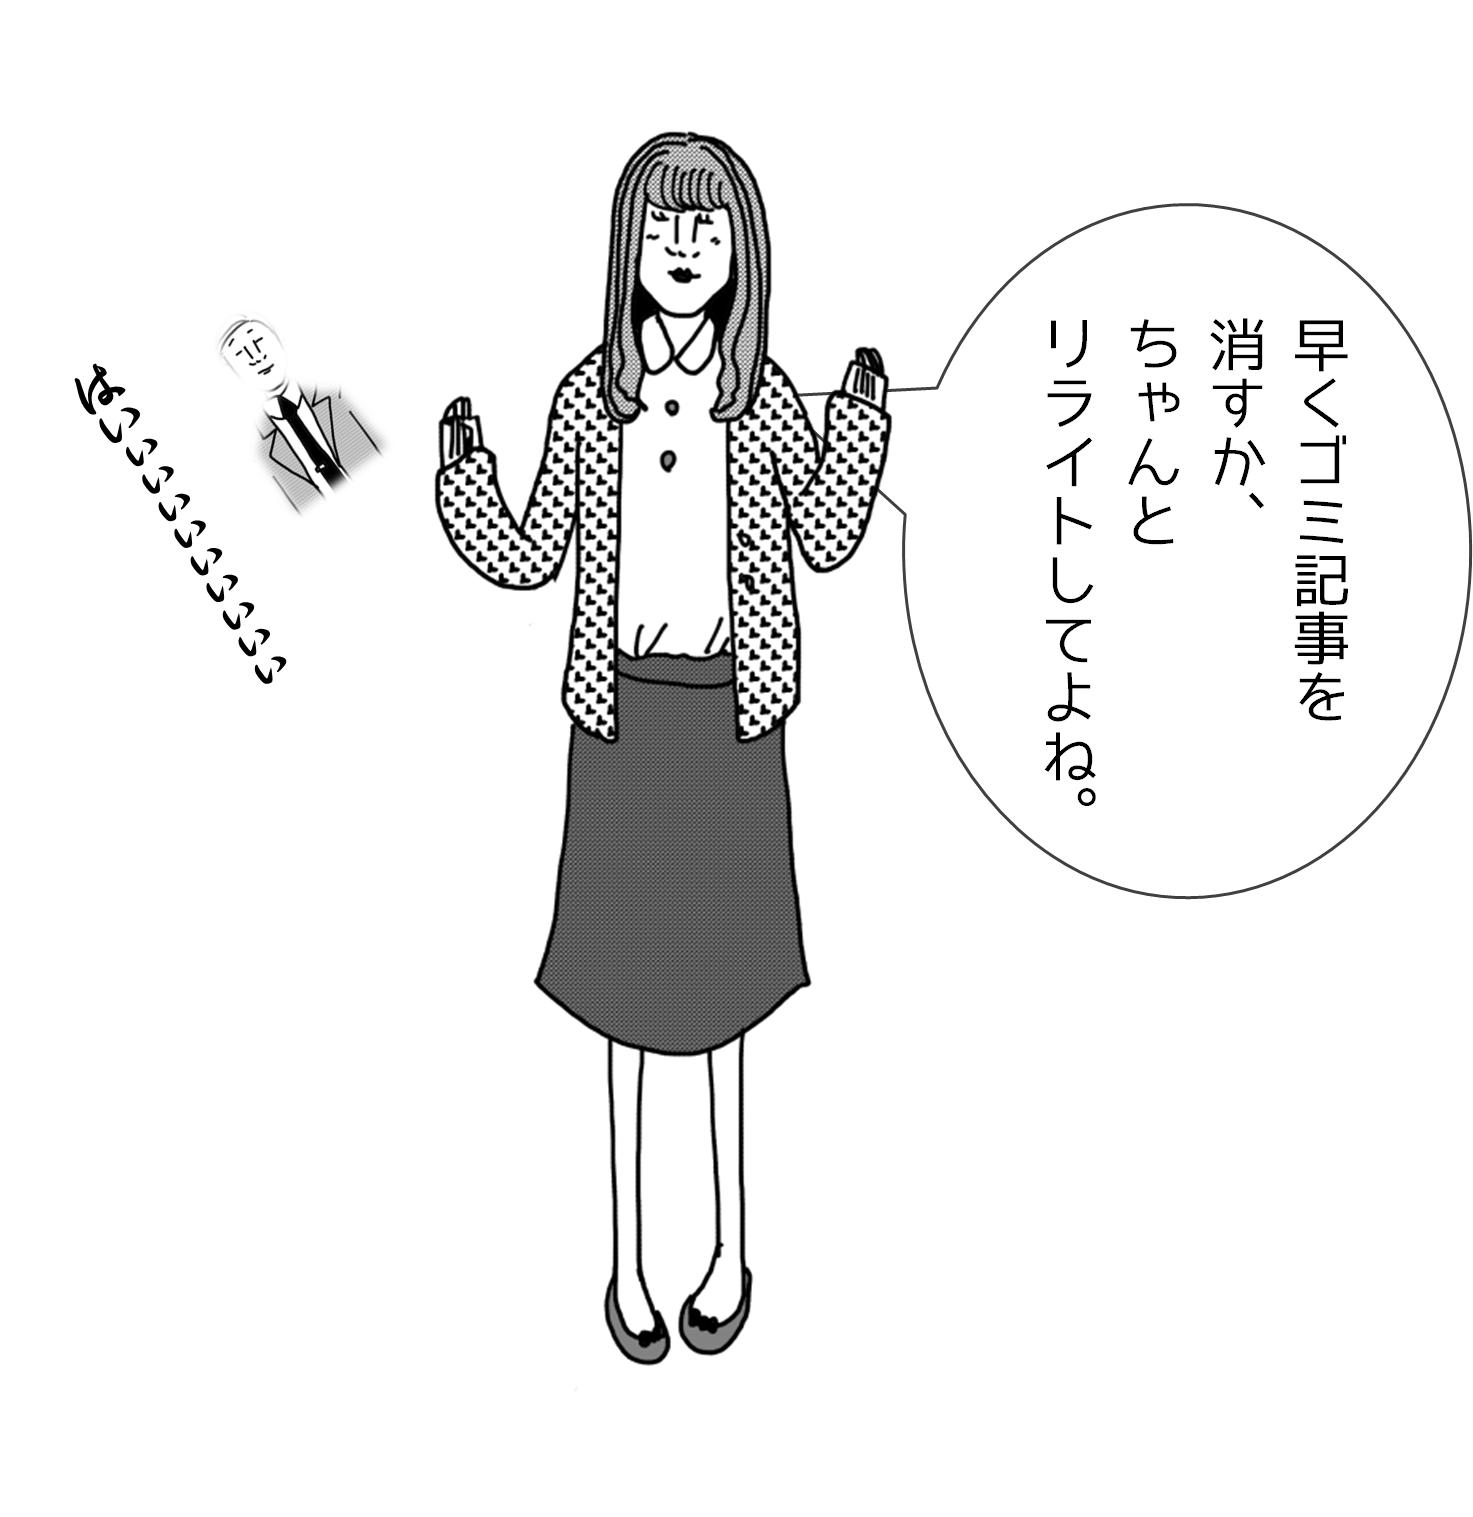 長野さん2